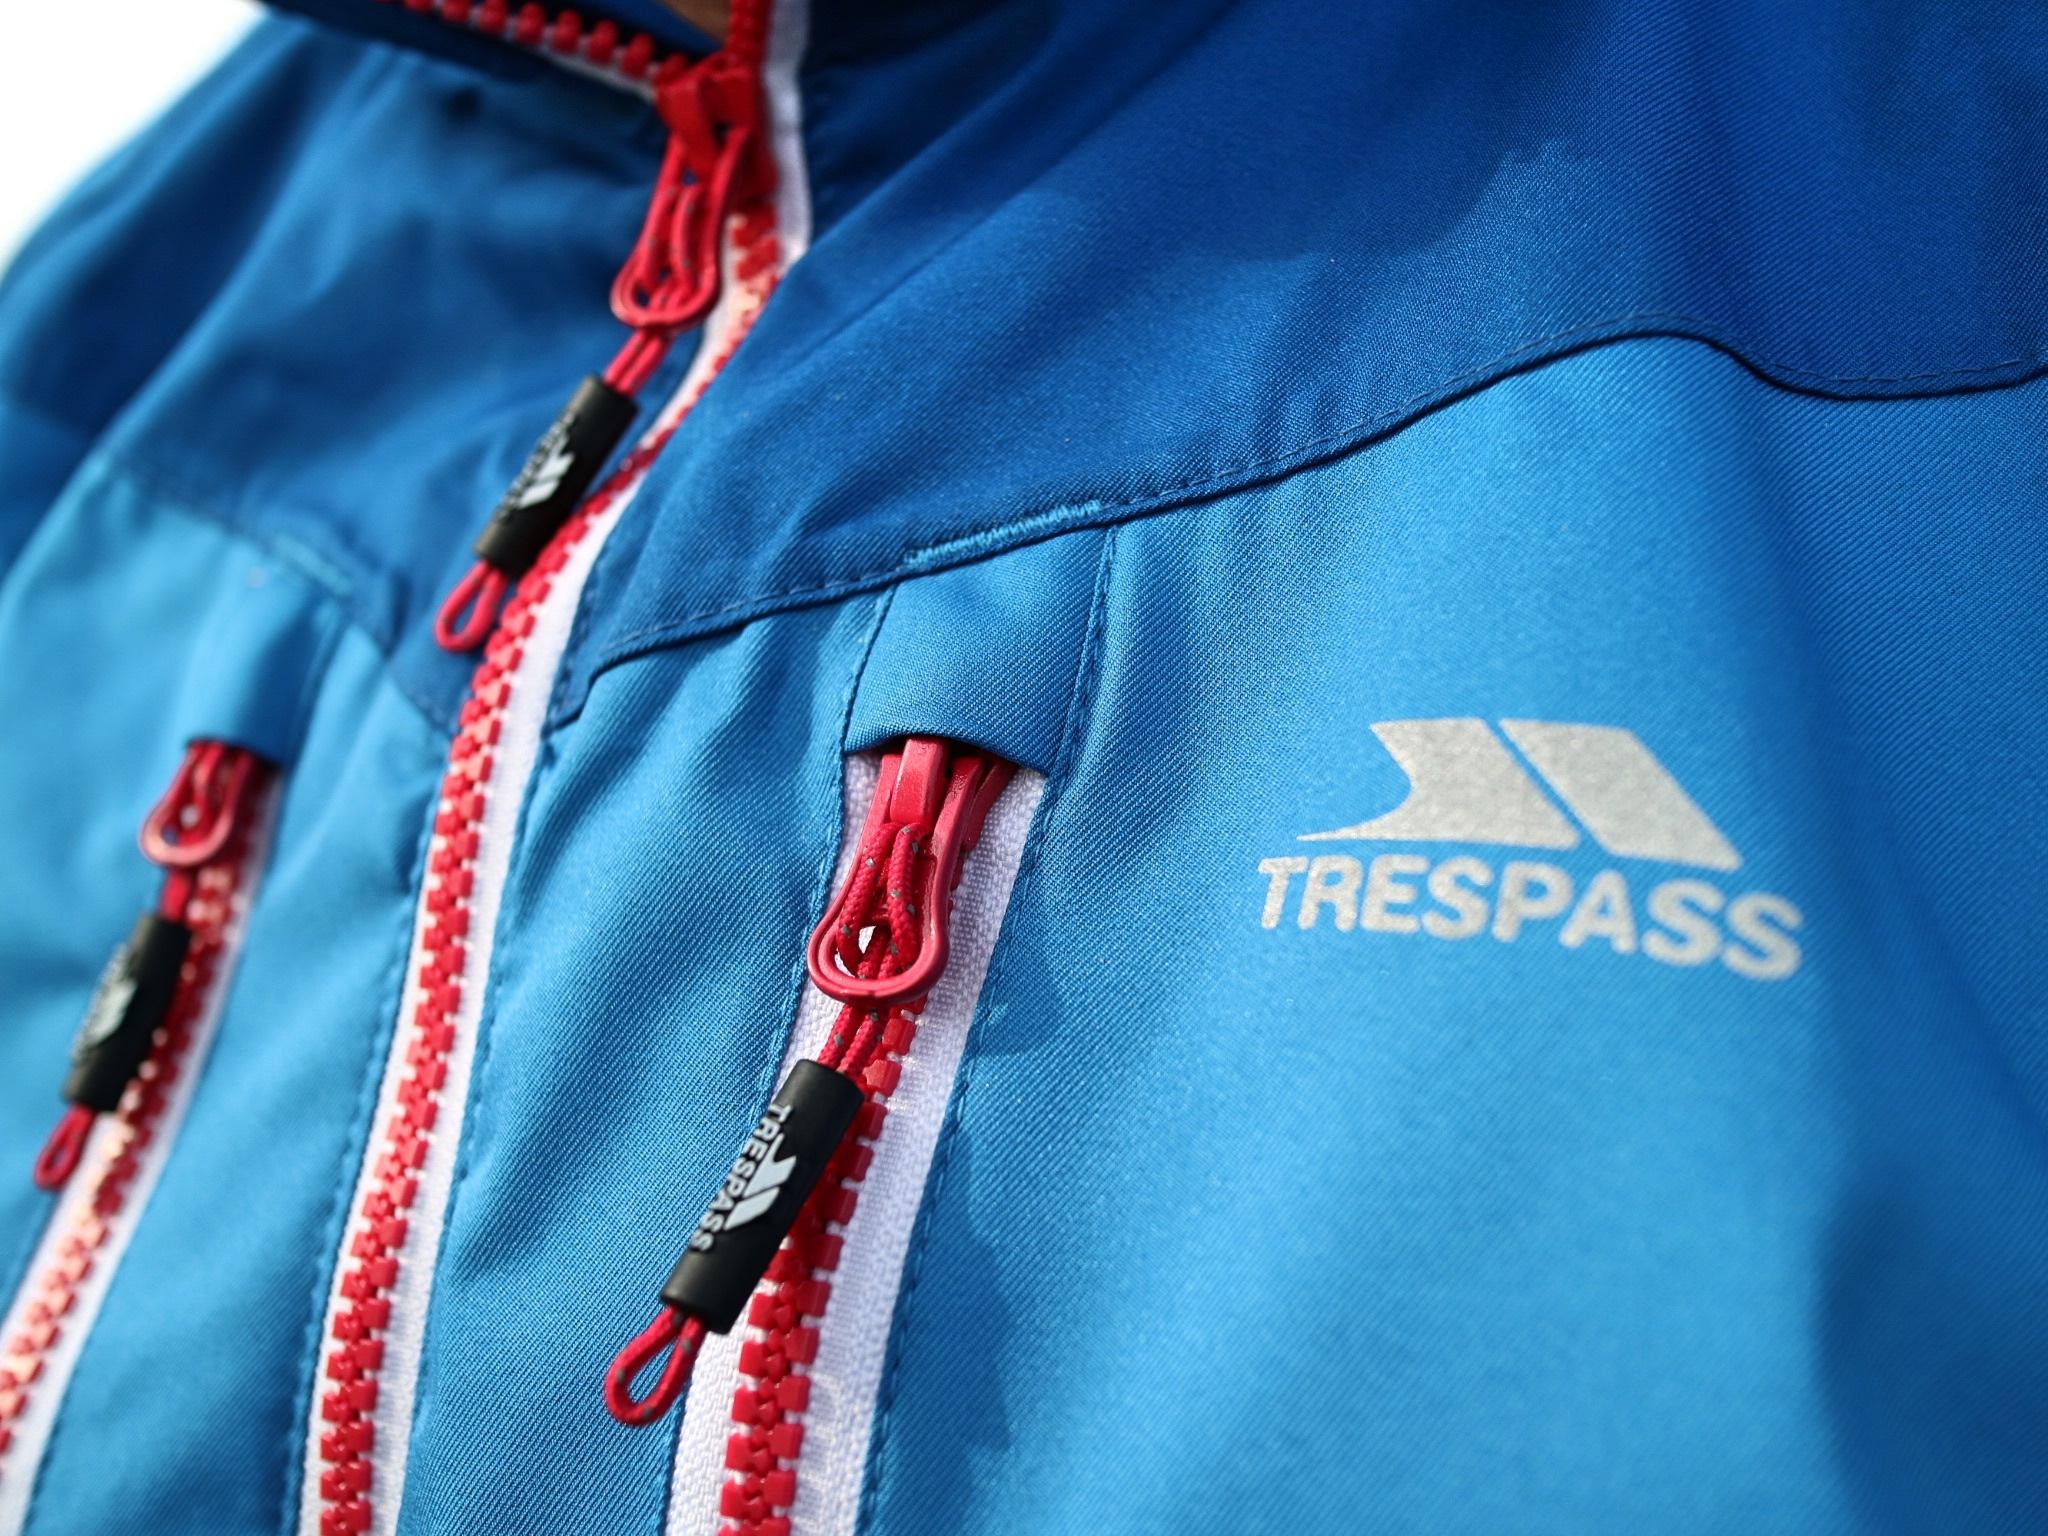 Zips on Boone, Trespass, Hiking